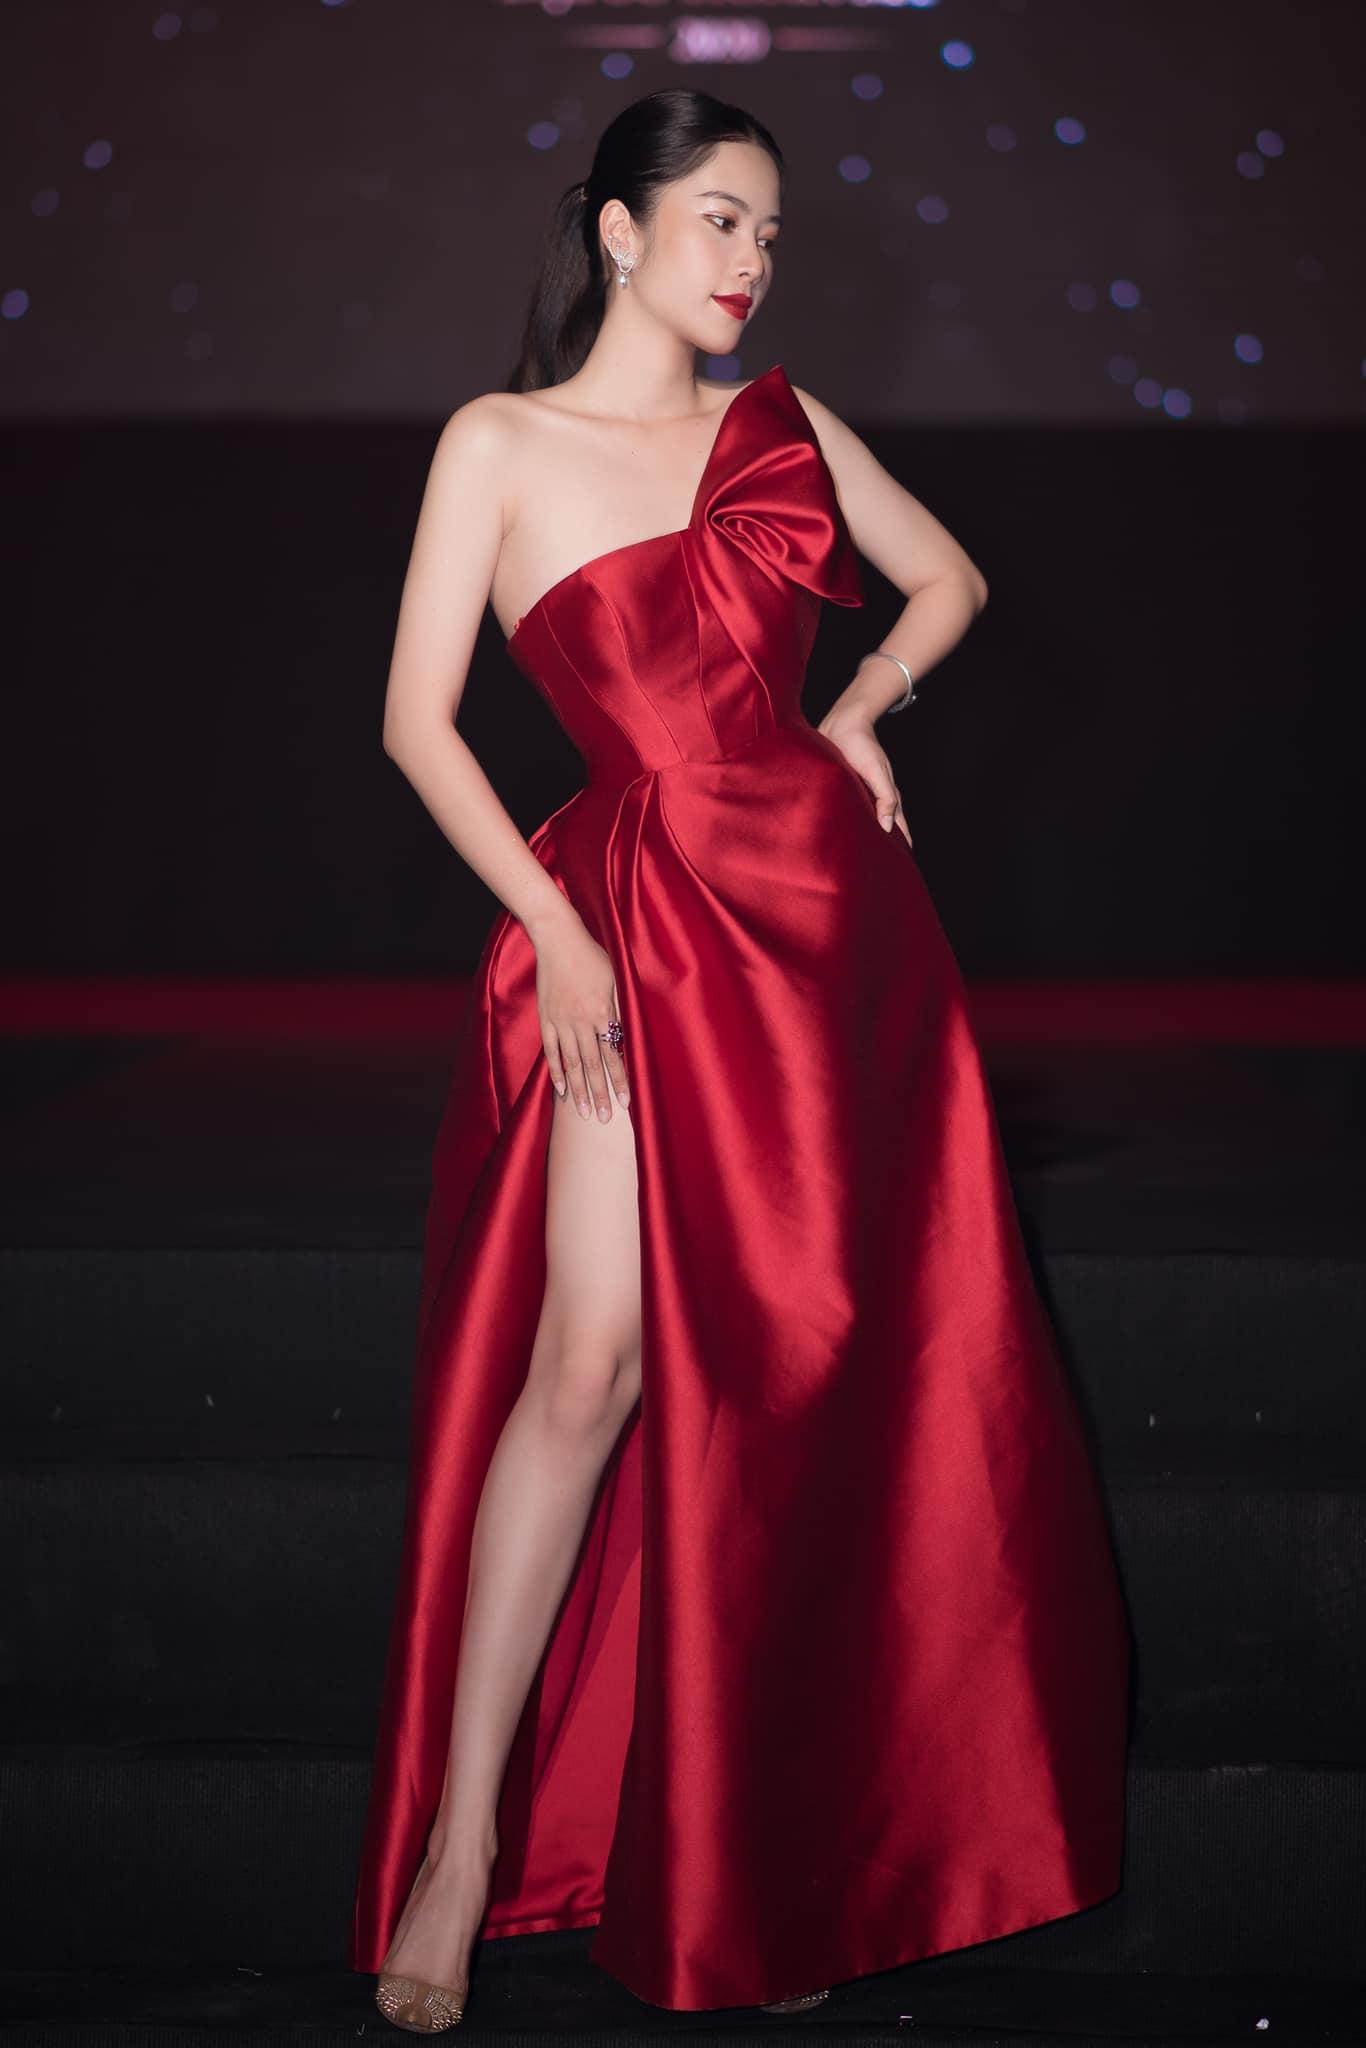 Sau thành công của Khánh Vân, Nam Em hạ quyết tâm trở thành đại diện của Việt Nam chinh chiến tại Miss Universe? - Ảnh 5.